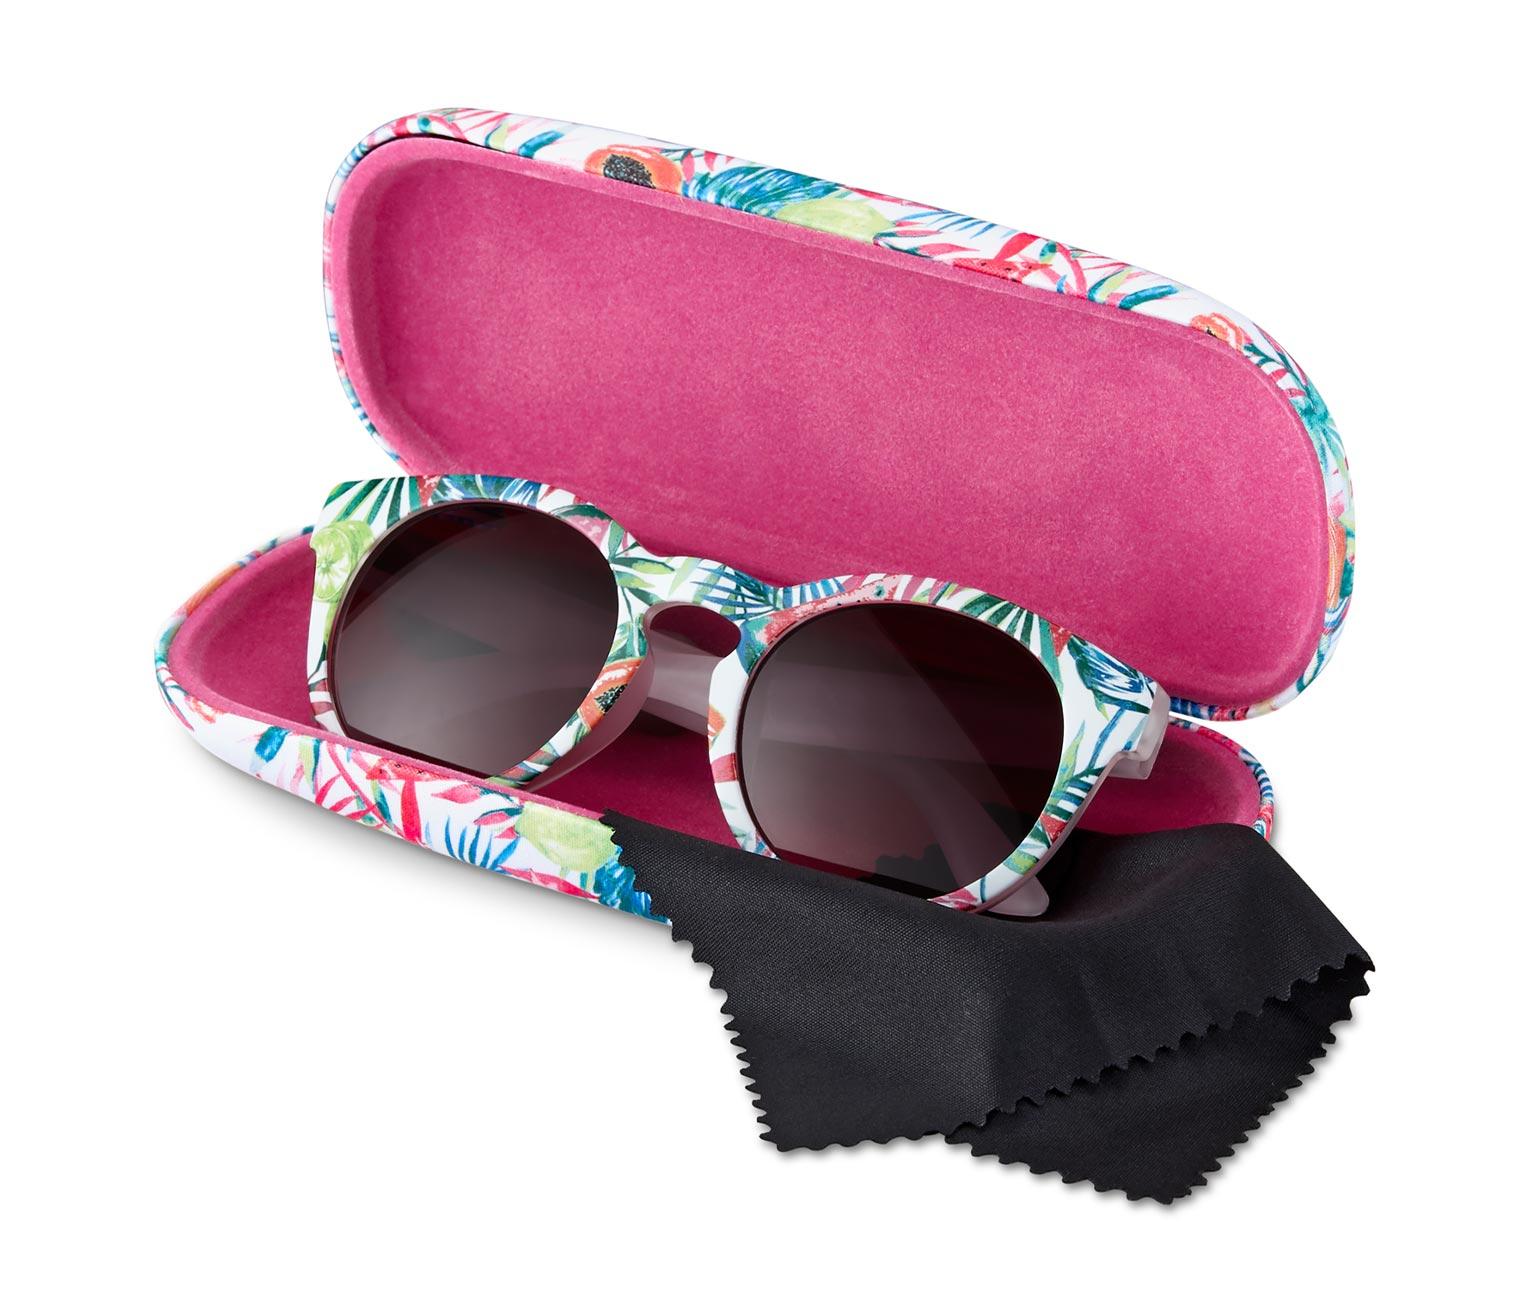 Sonnenbrille in pink blau